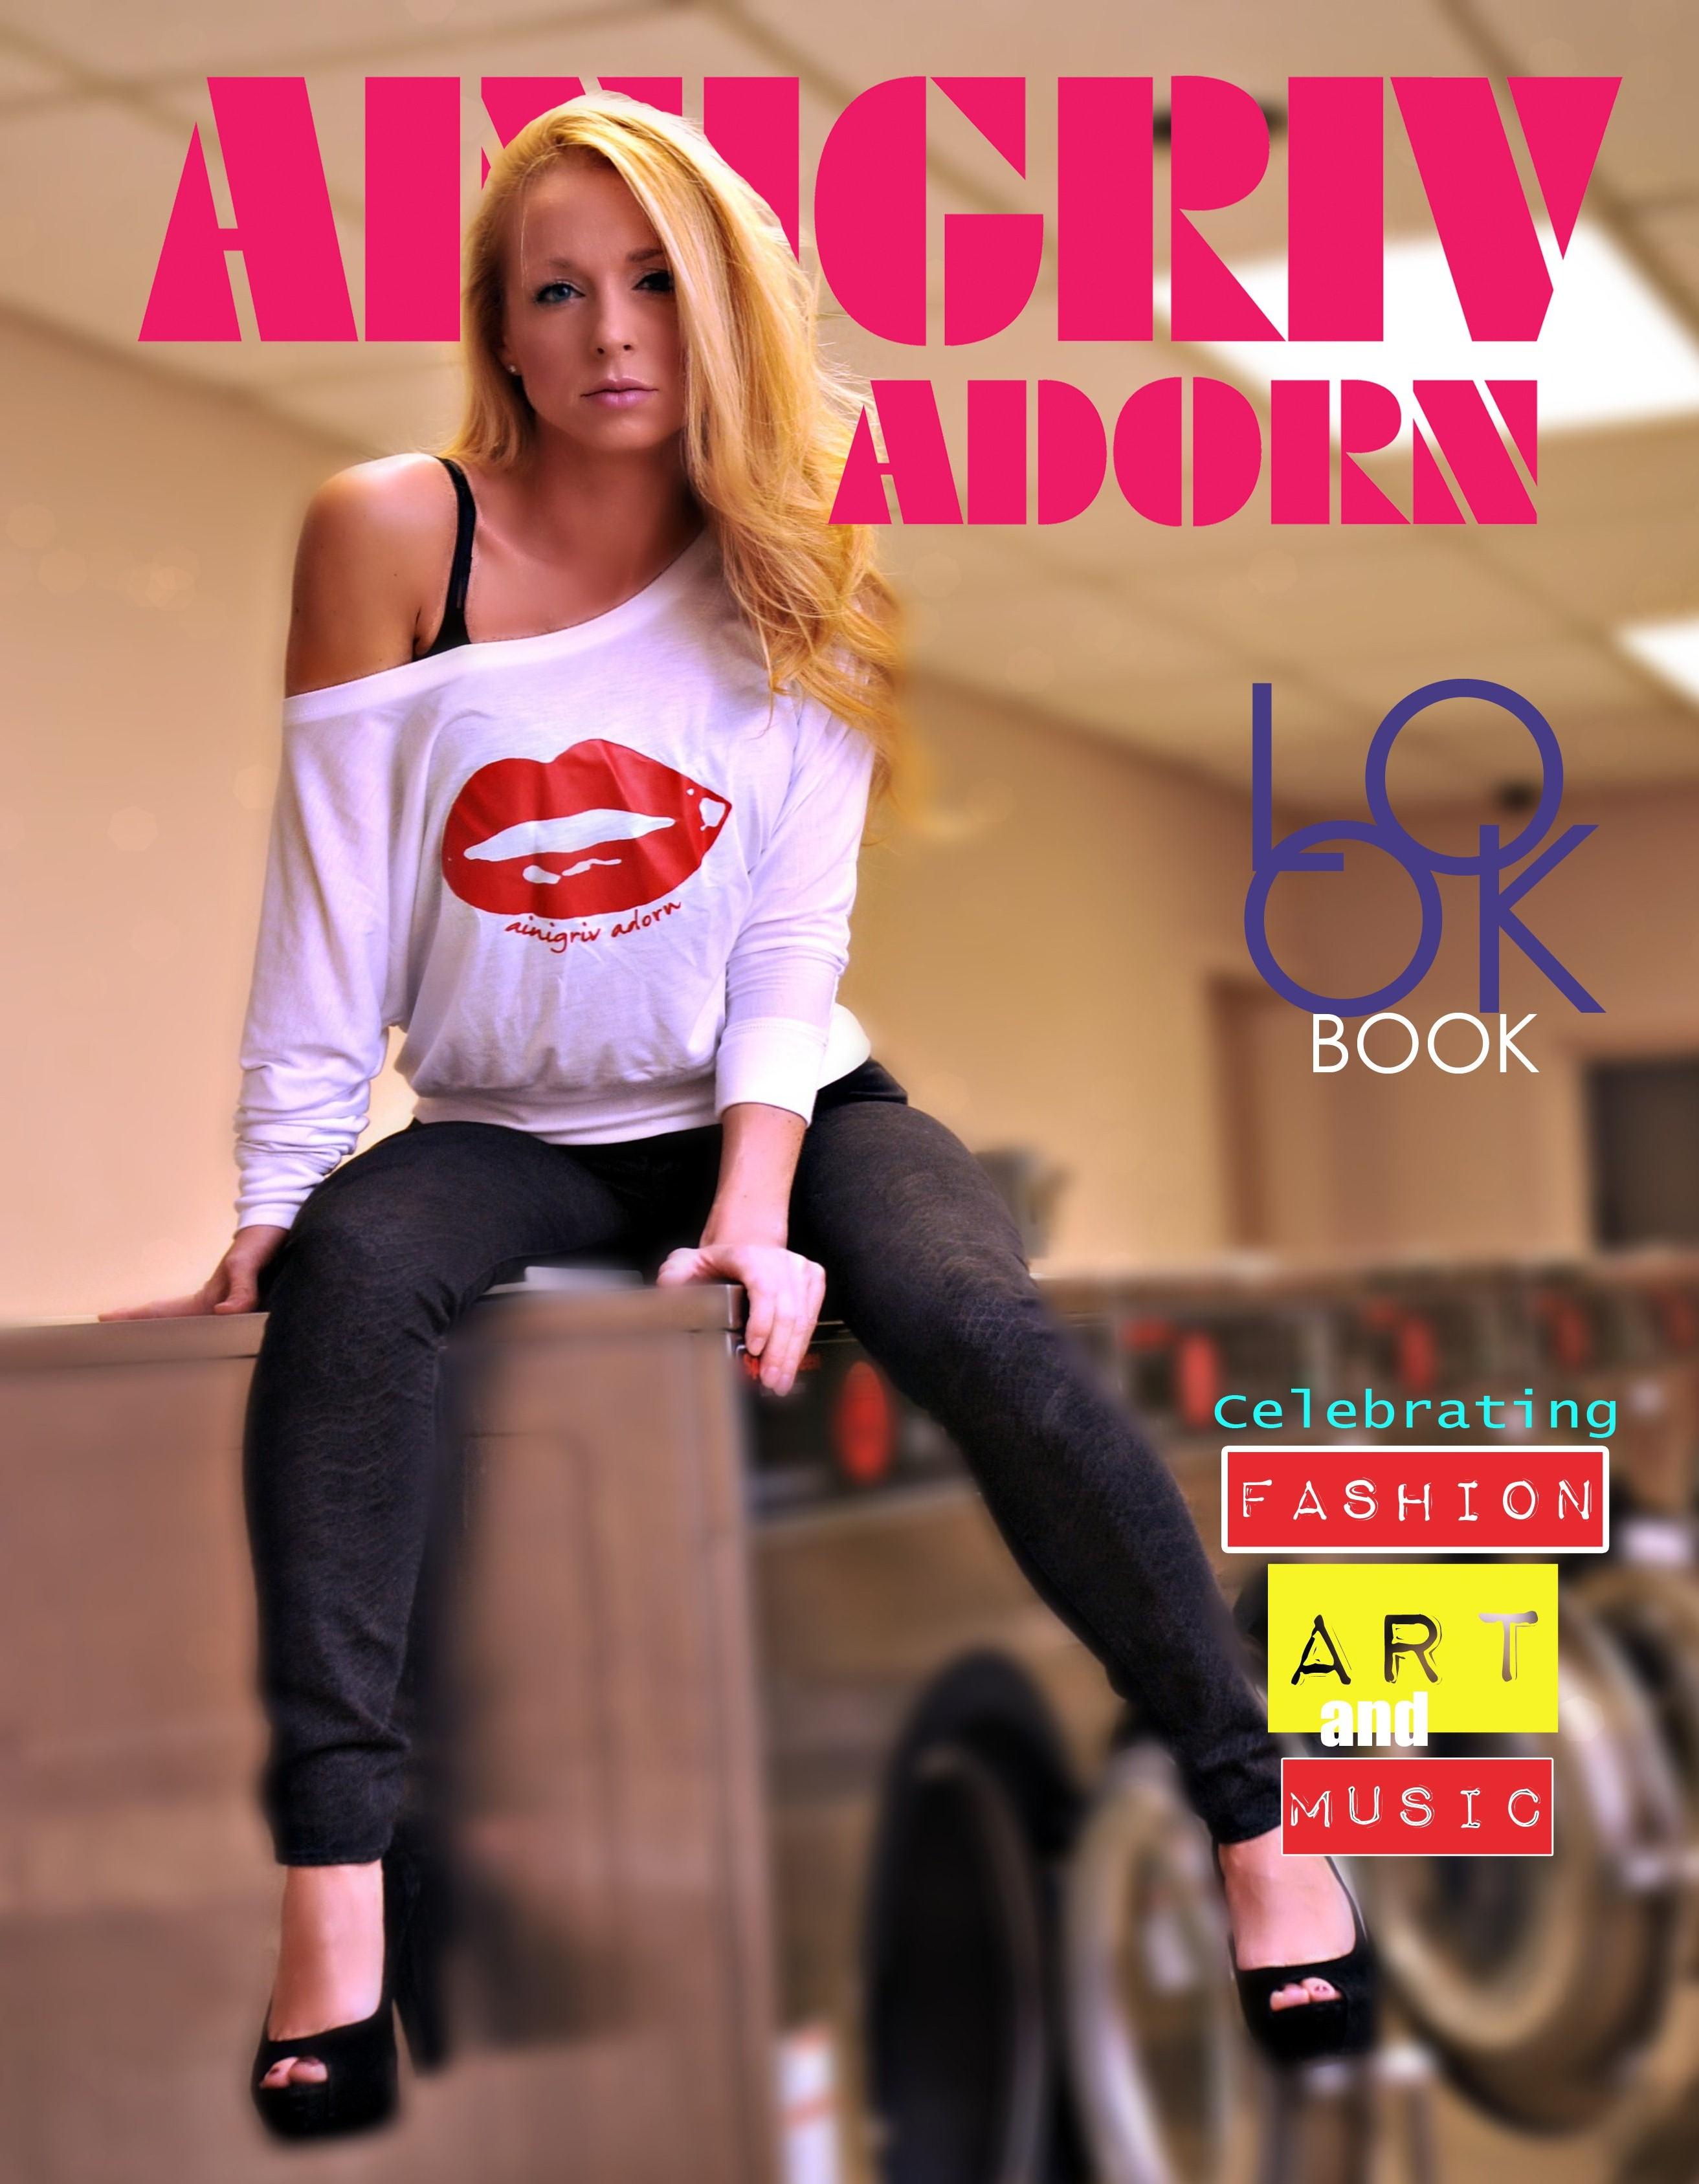 Ainigriv Adorn Look Book 8